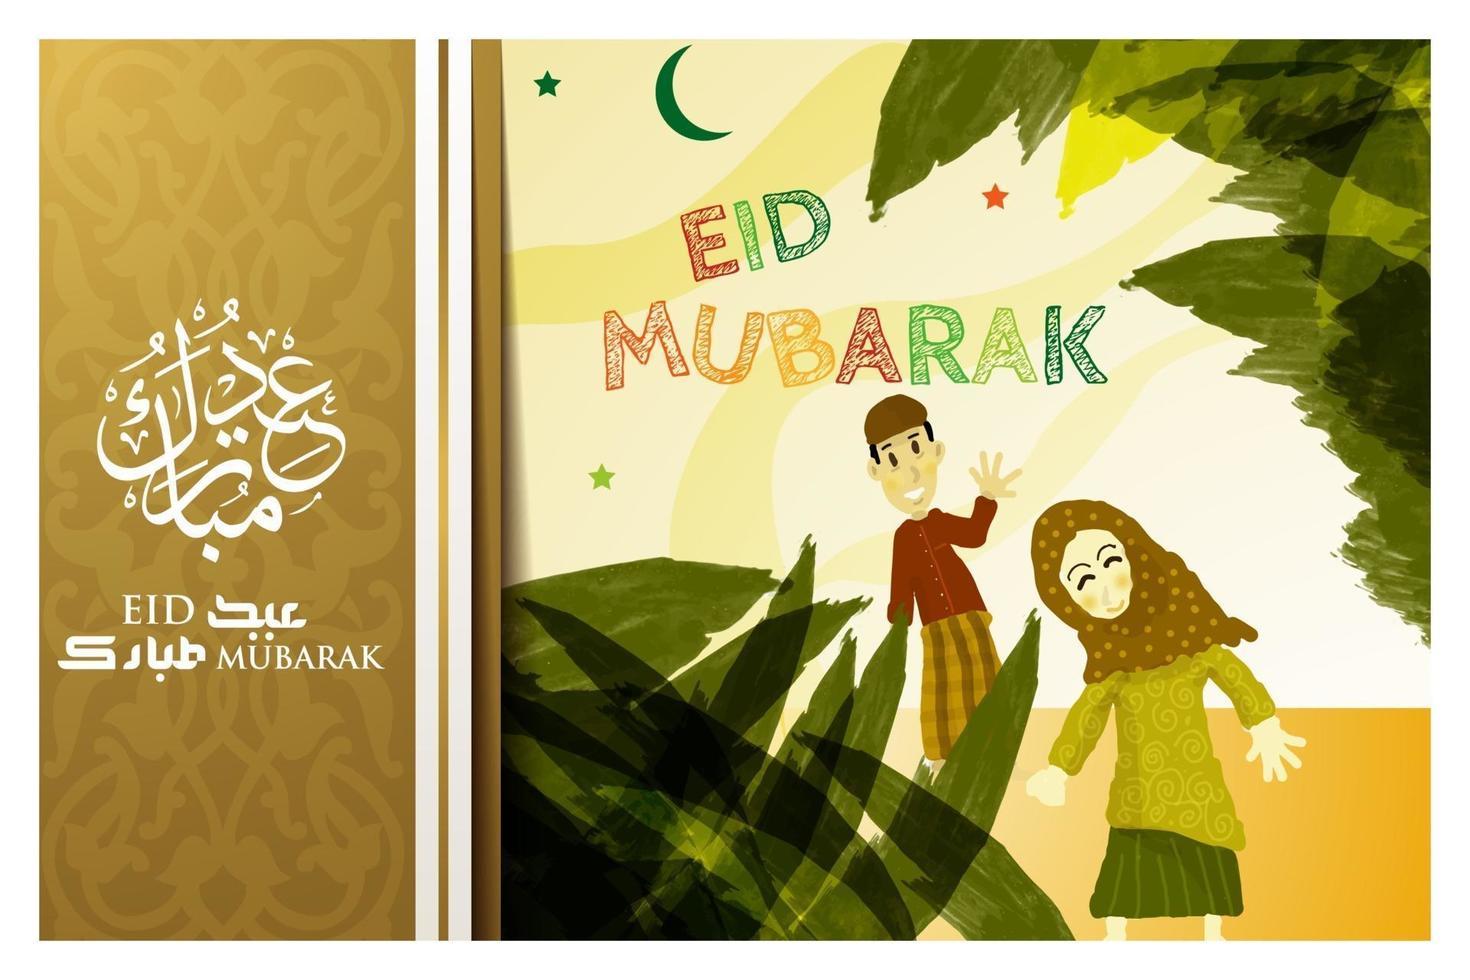 eid mubarak hälsning islamisk bakgrundsvektordesign med vacker arabisk kalligrafi. översättning av text välsignad festival vektor